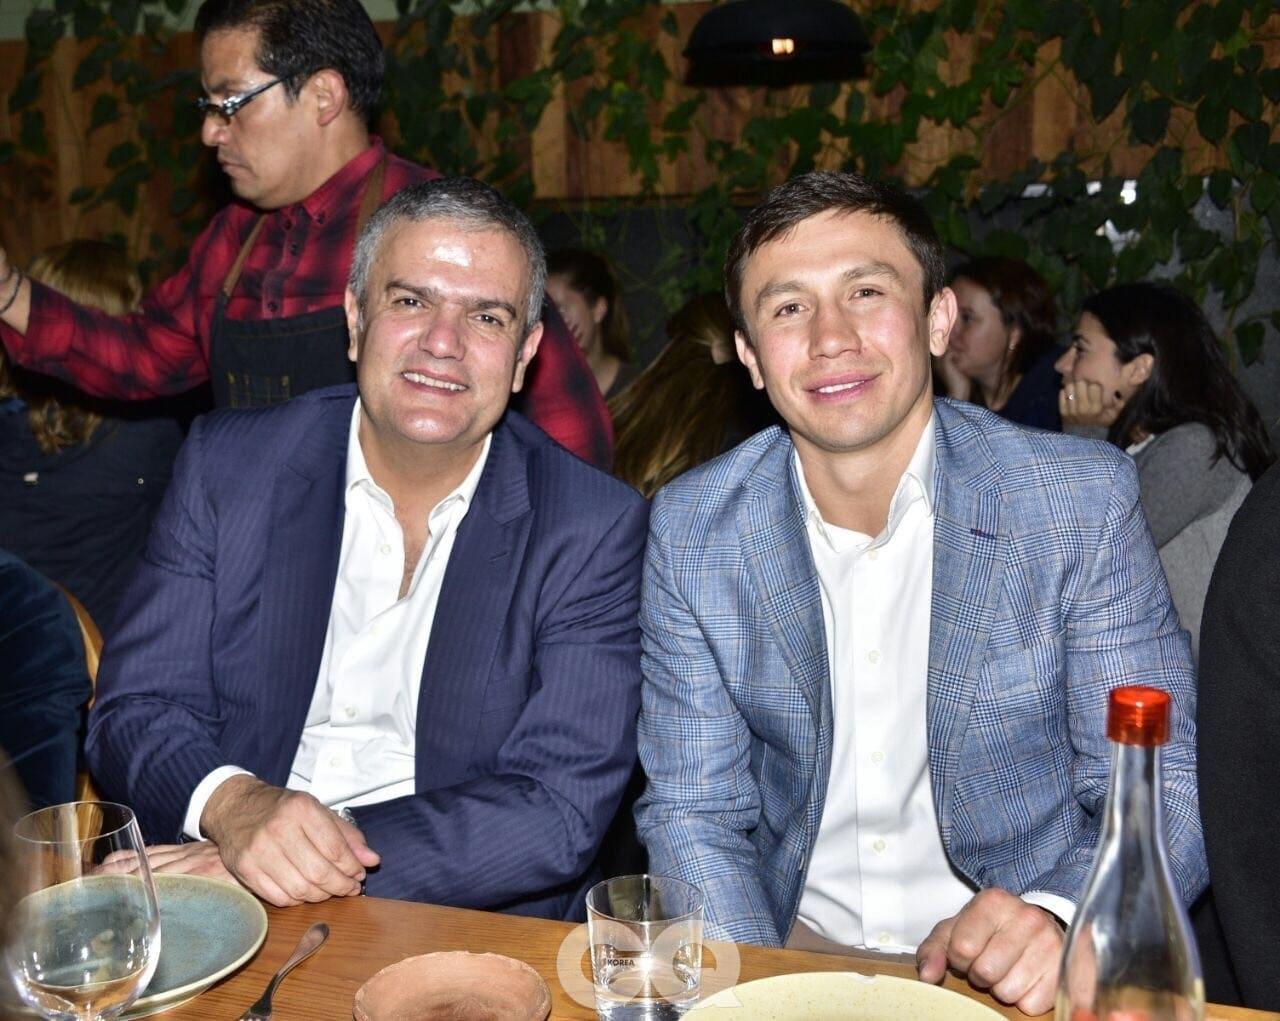 위블로의 CEO 리카르도 과달루페와 포즈를 취한 게나디 골로프킨.